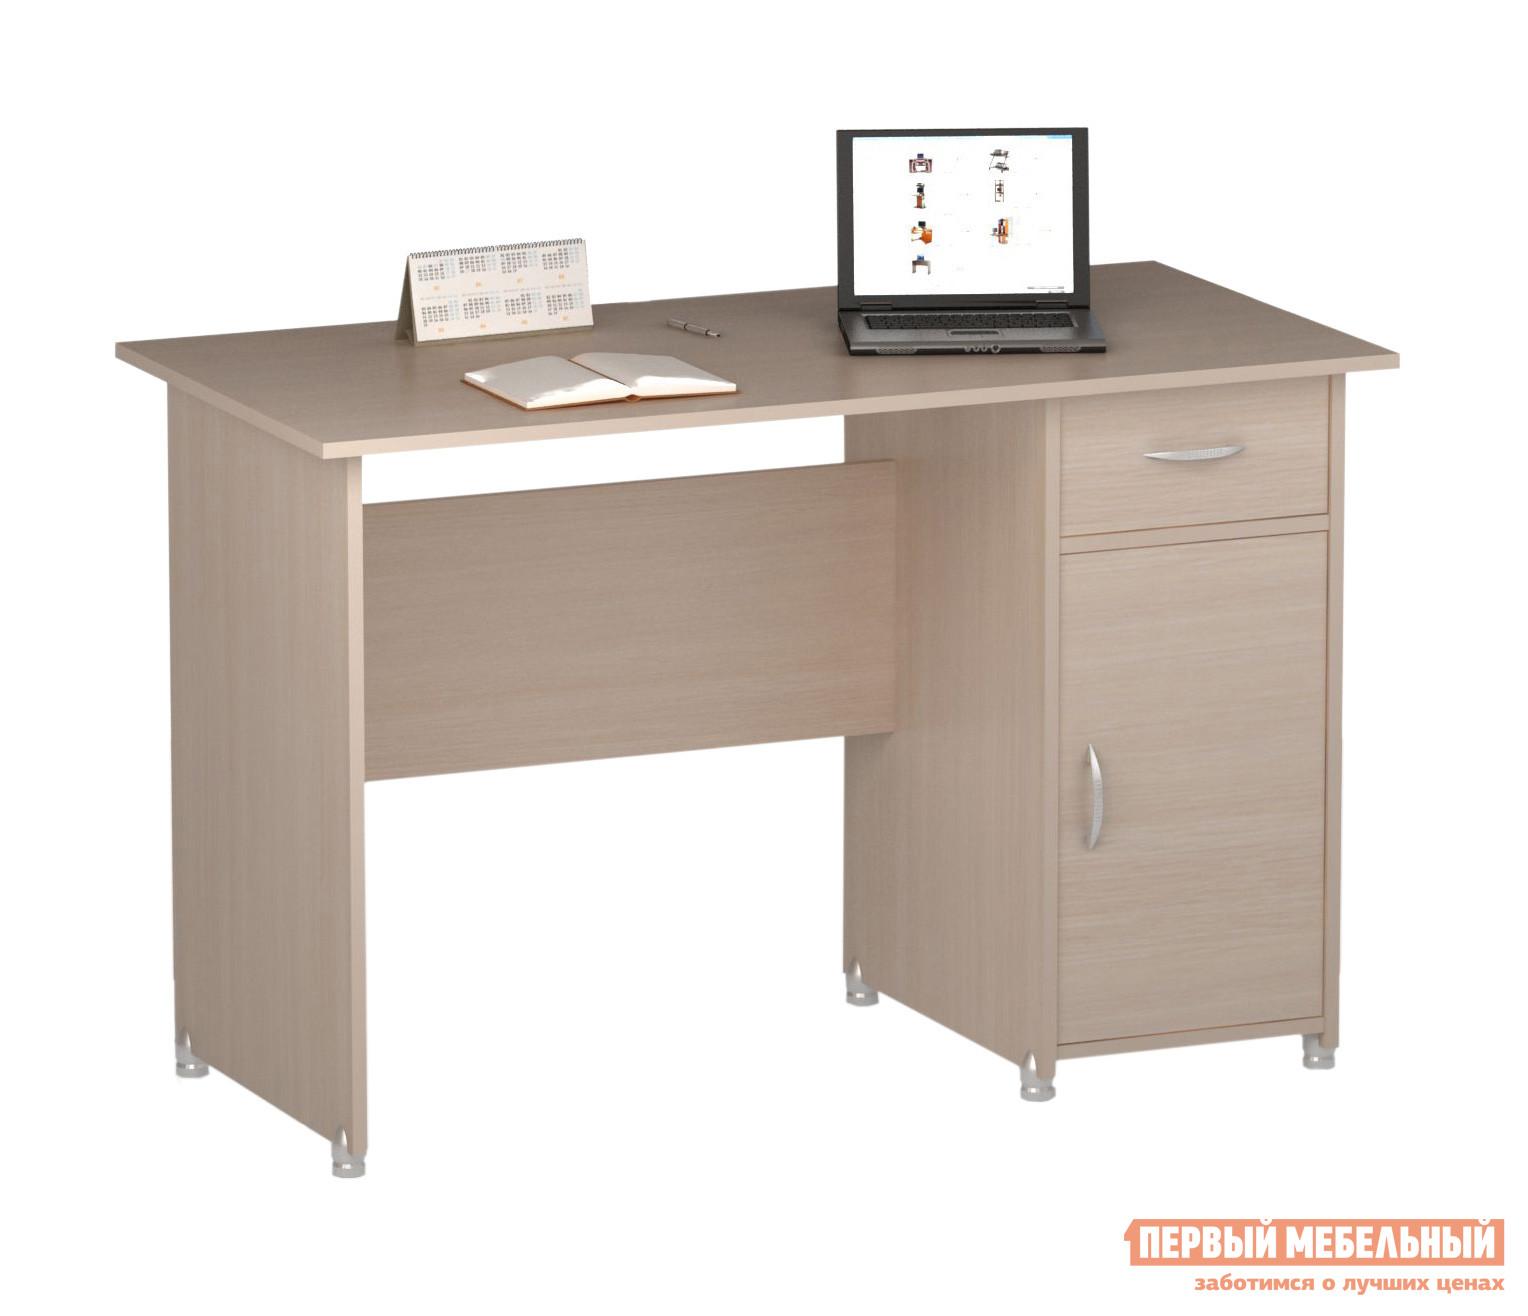 Компьютерный стол ВасКо ПС 40-08 М1 Молочный дуб